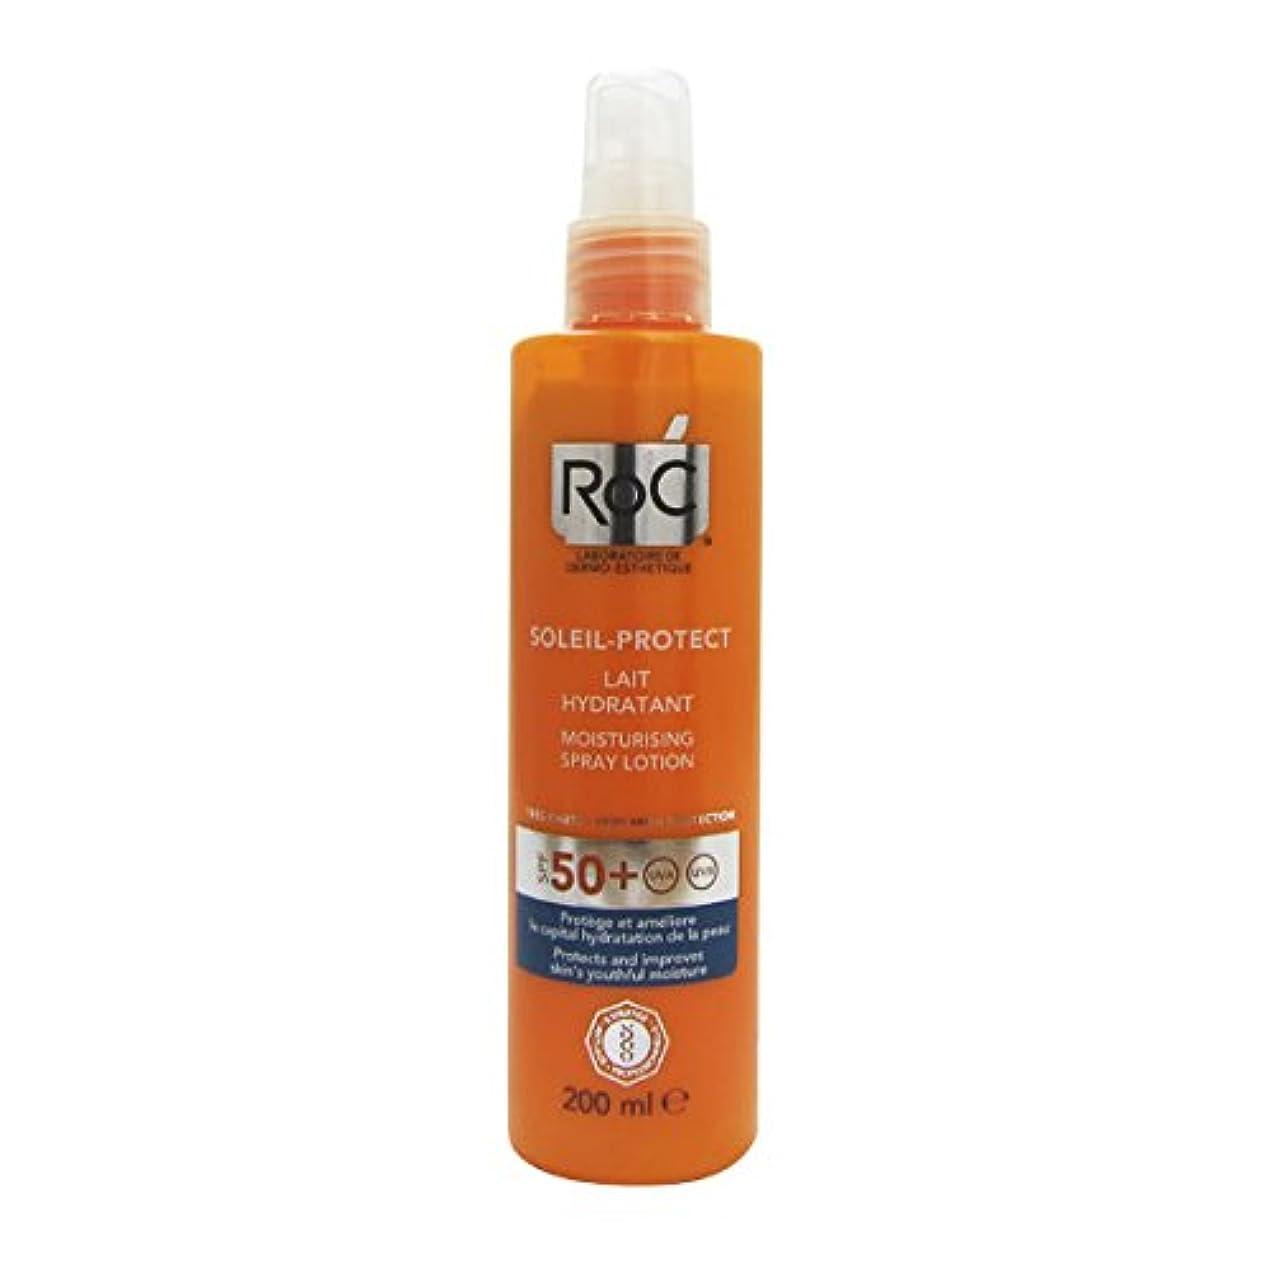 鷹メダリストオゾンRoc Soleil Protect Hydrating Fluid Spf30 200ml [並行輸入品]